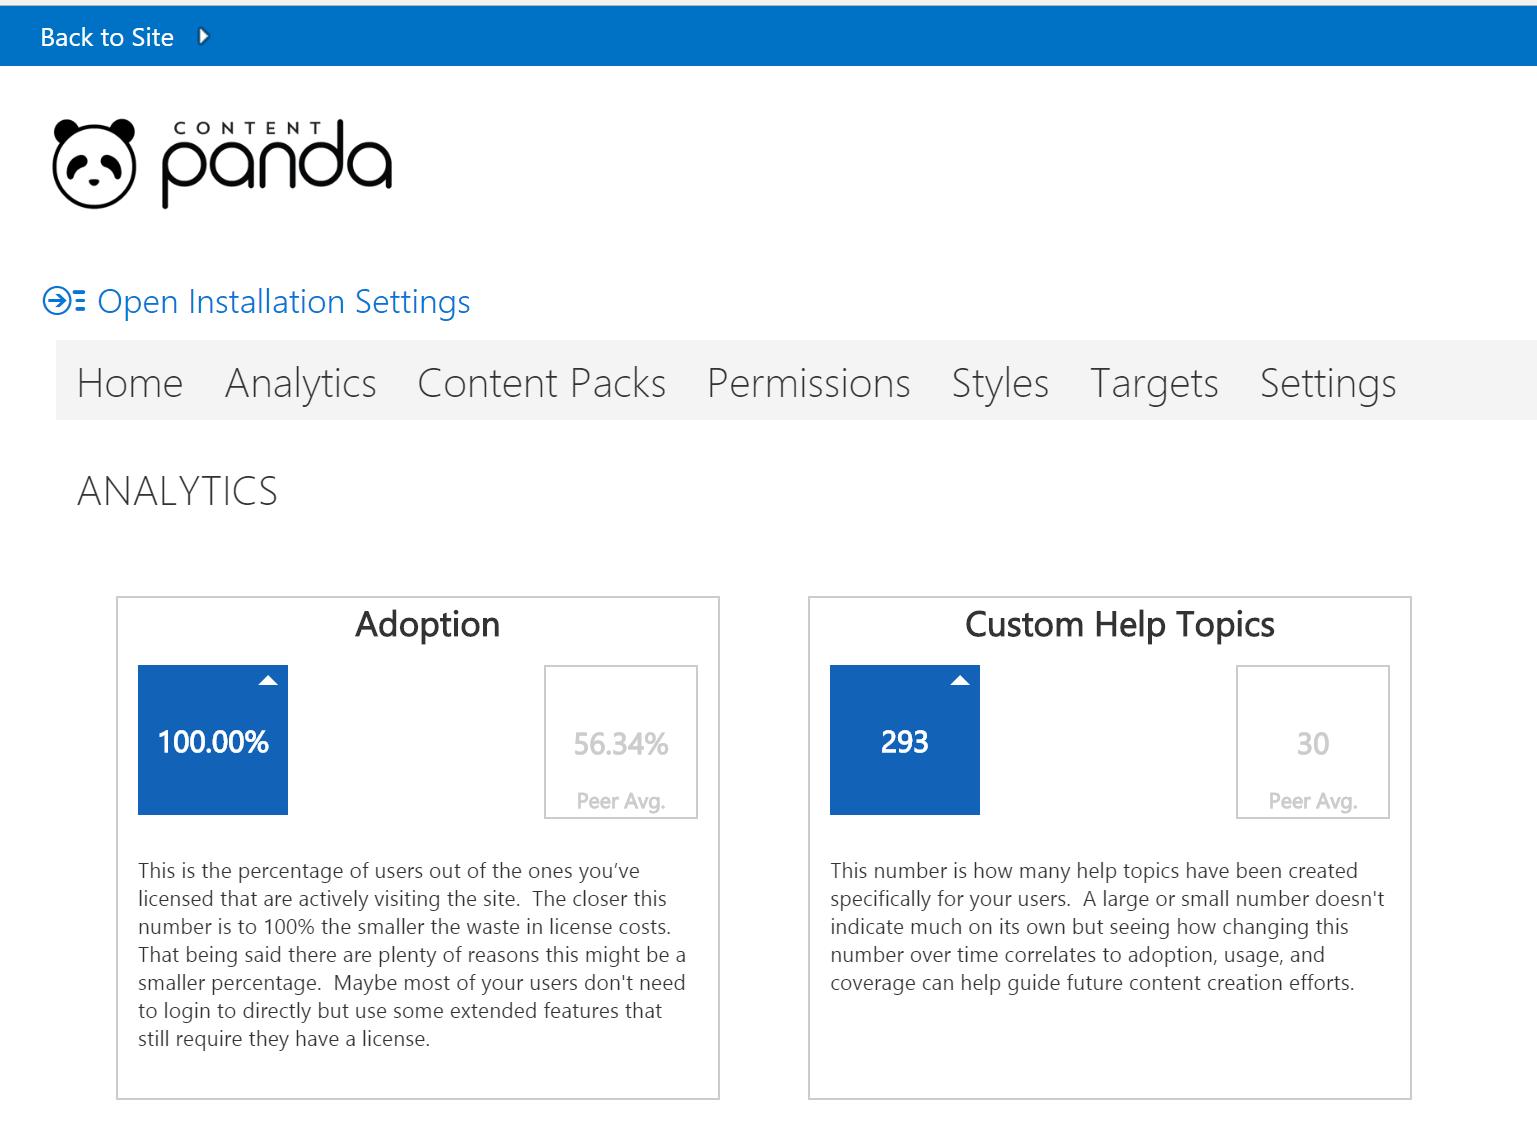 content-panda-analtyics.png